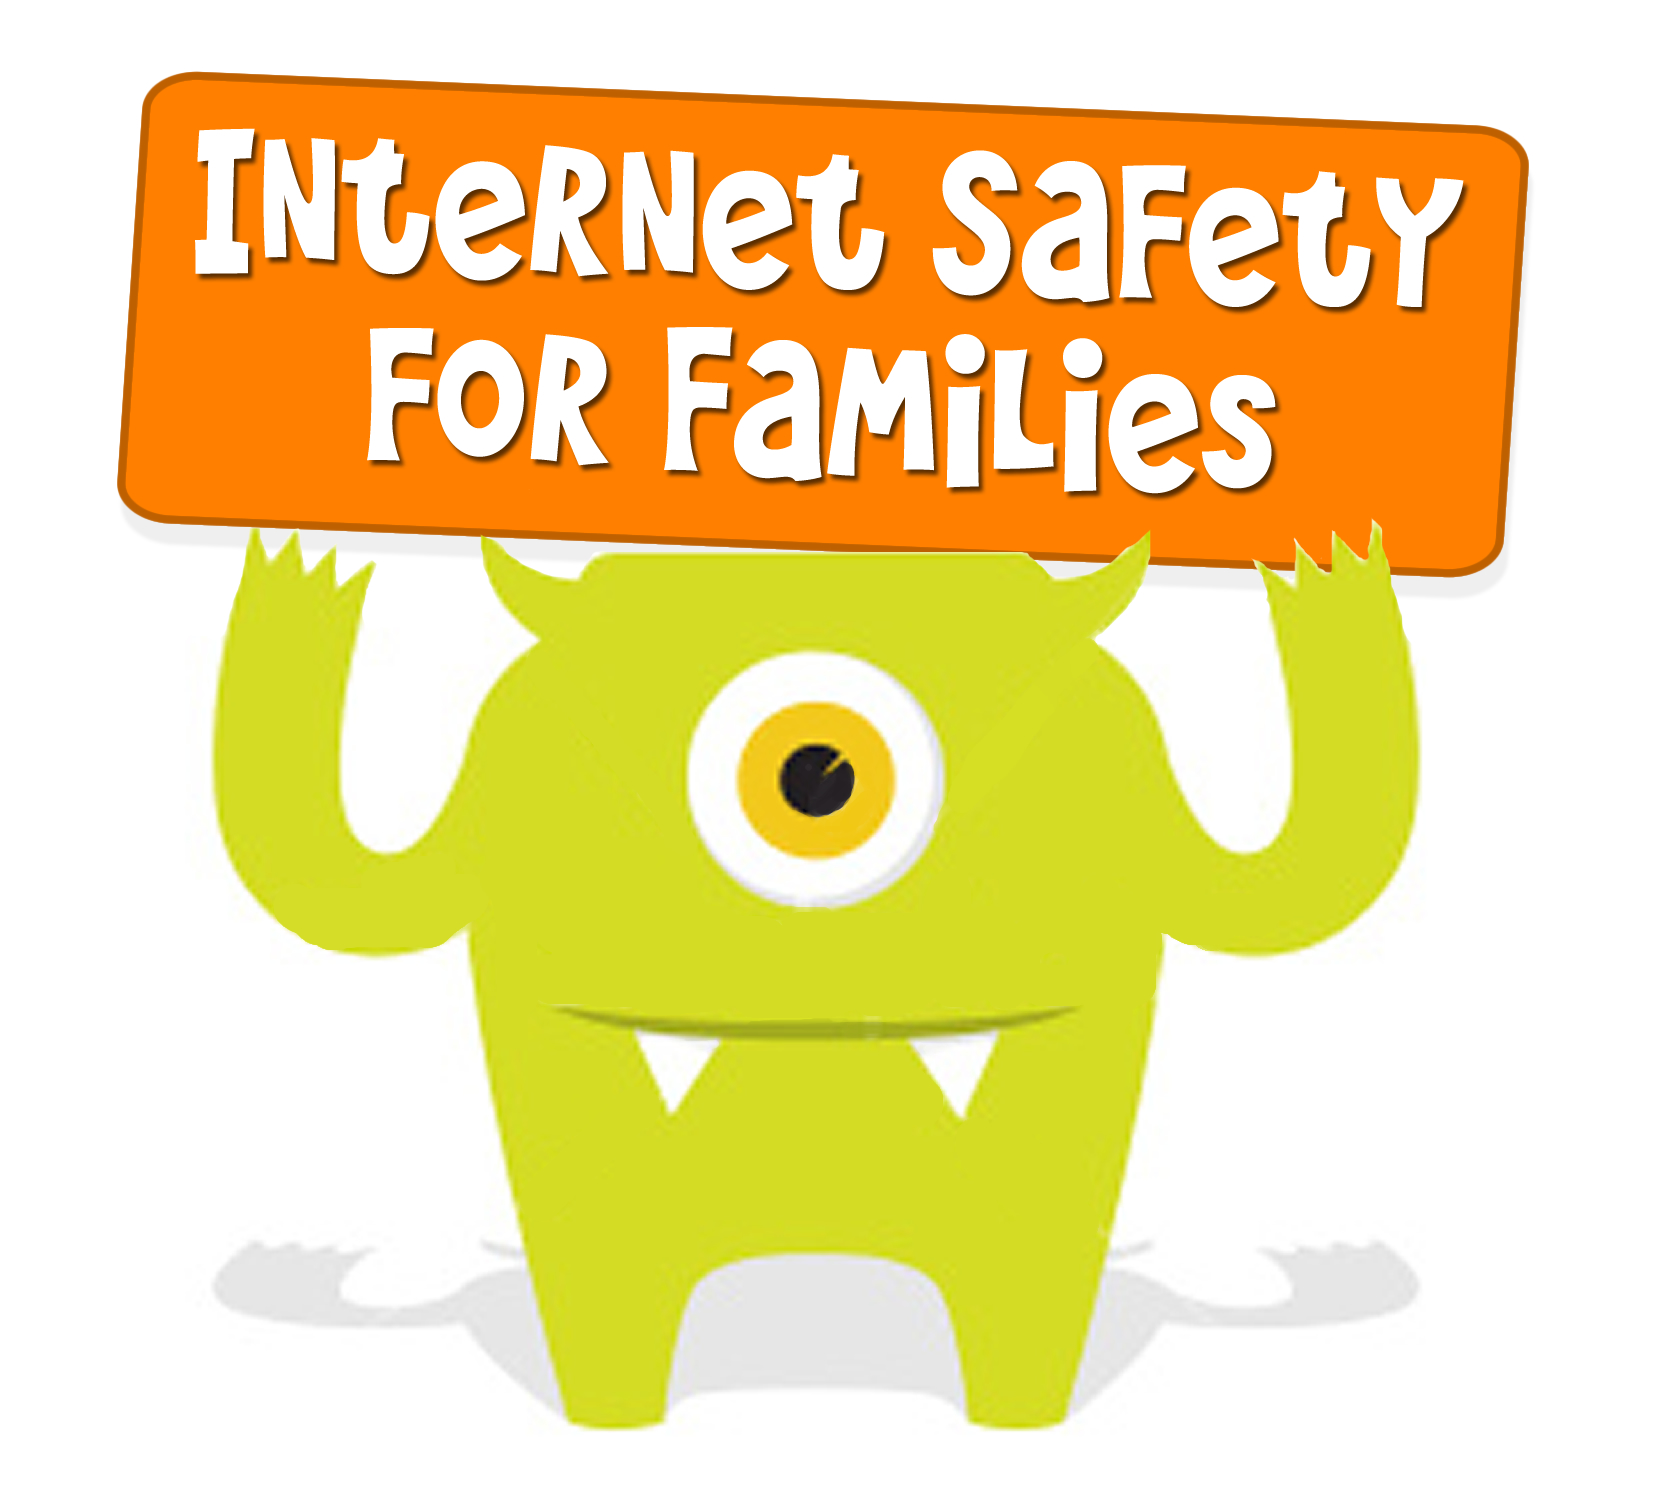 cyber safety_E-Safety